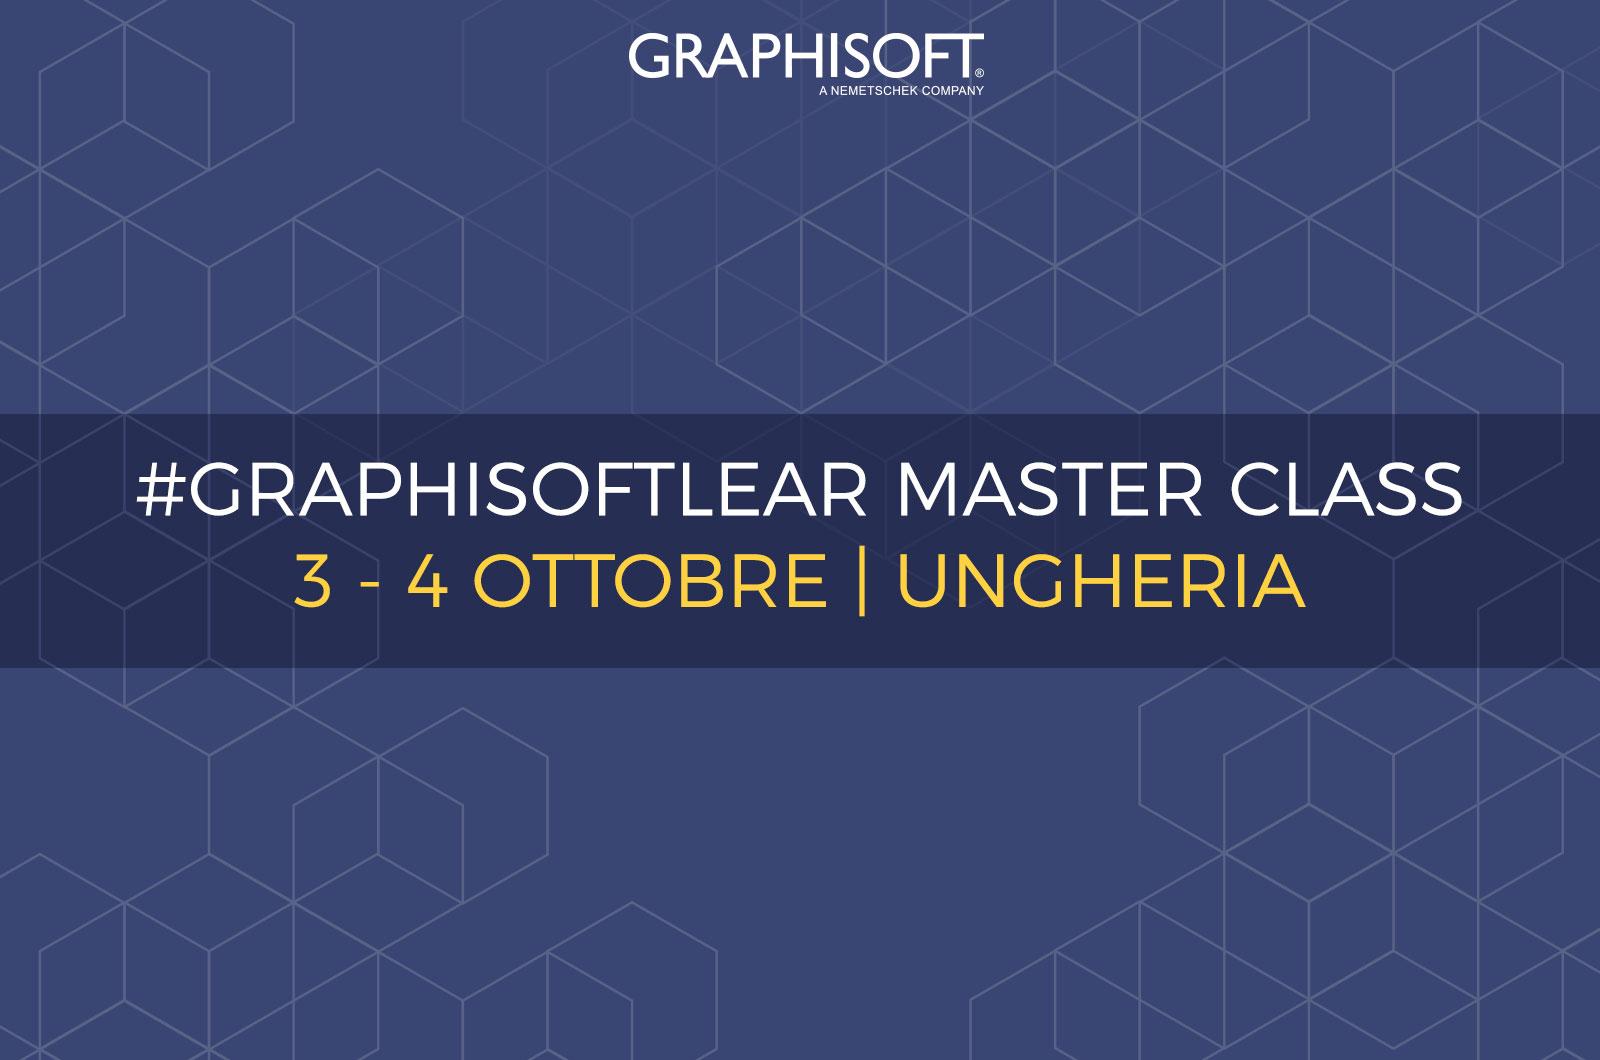 news-graphisoftlearn-ottobre-1